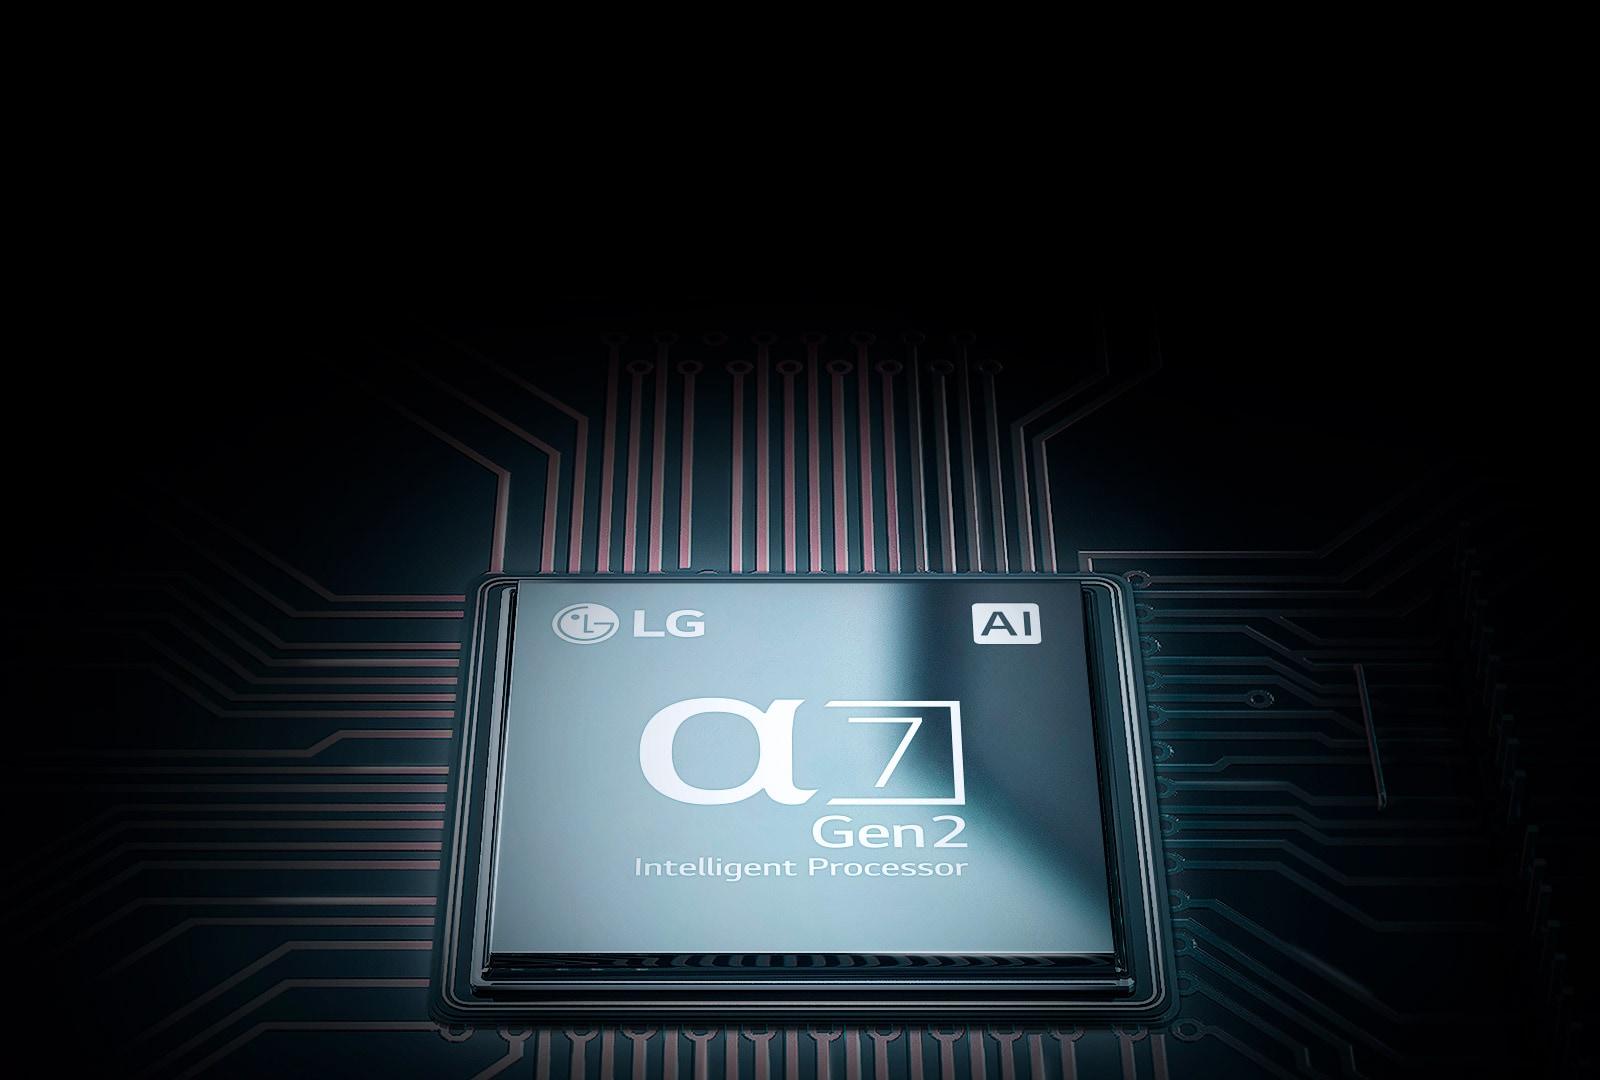 Le proc. intel. α7 de 2e gén. améliore tout1